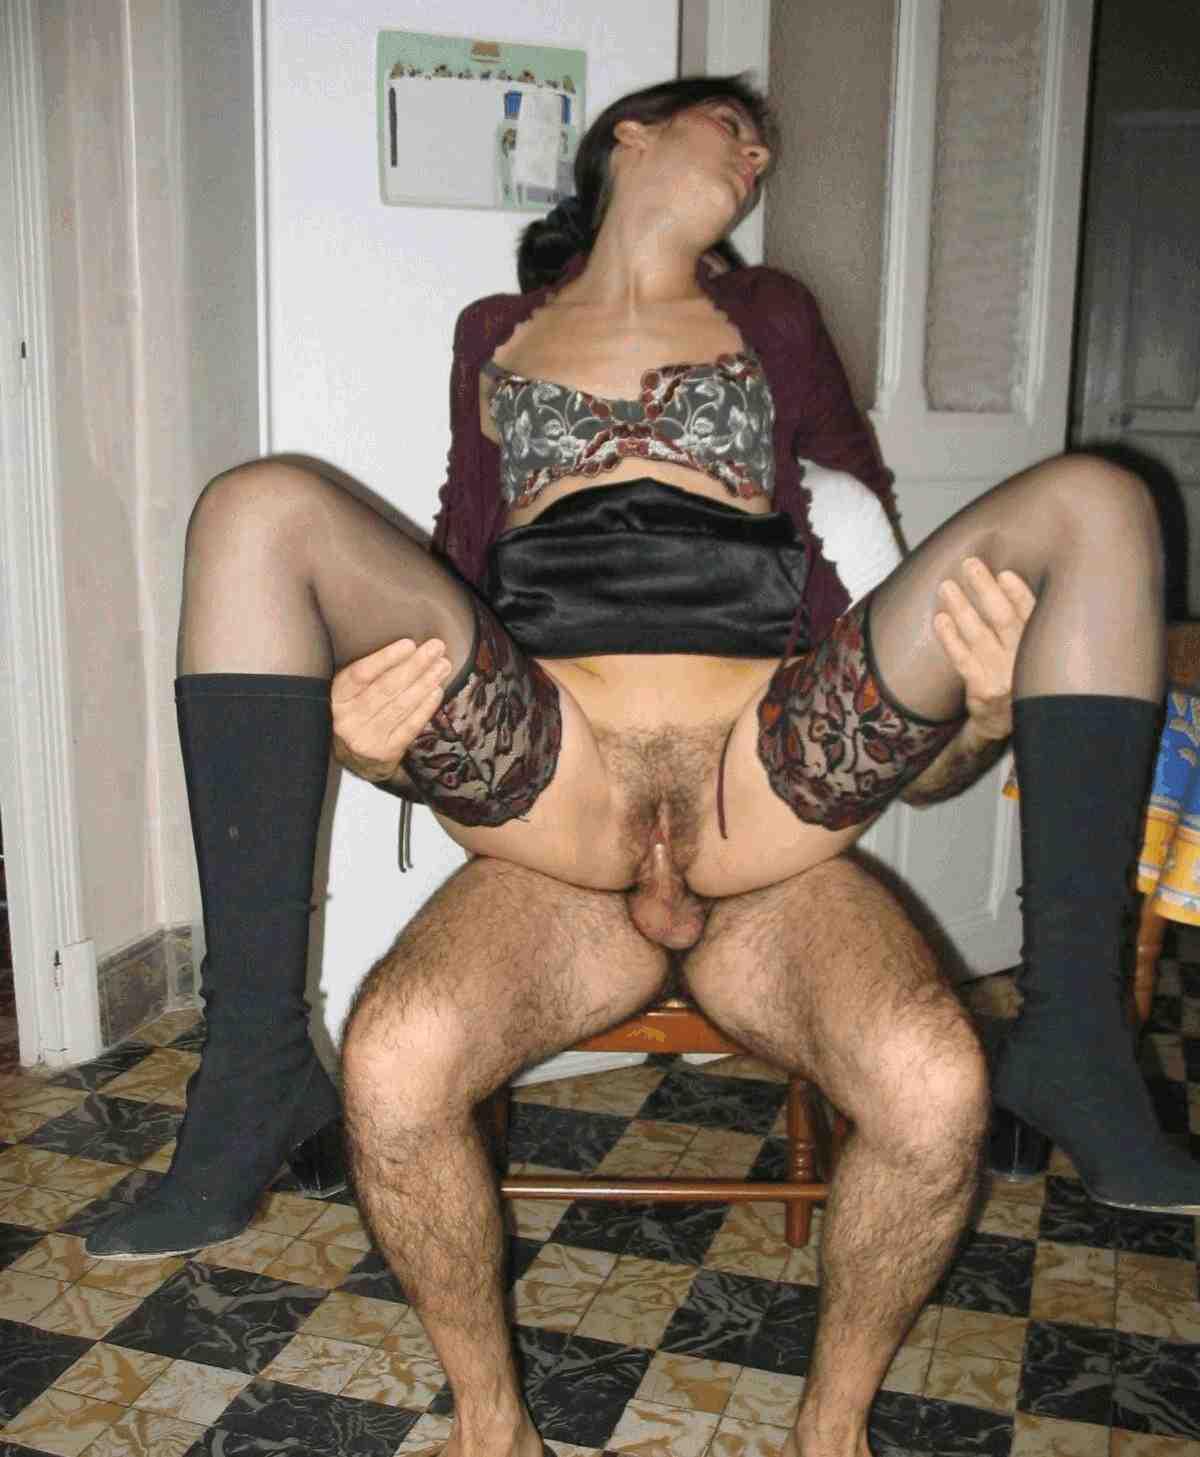 Смотреть онлайн бесплатно сексвзрослых 8 фотография